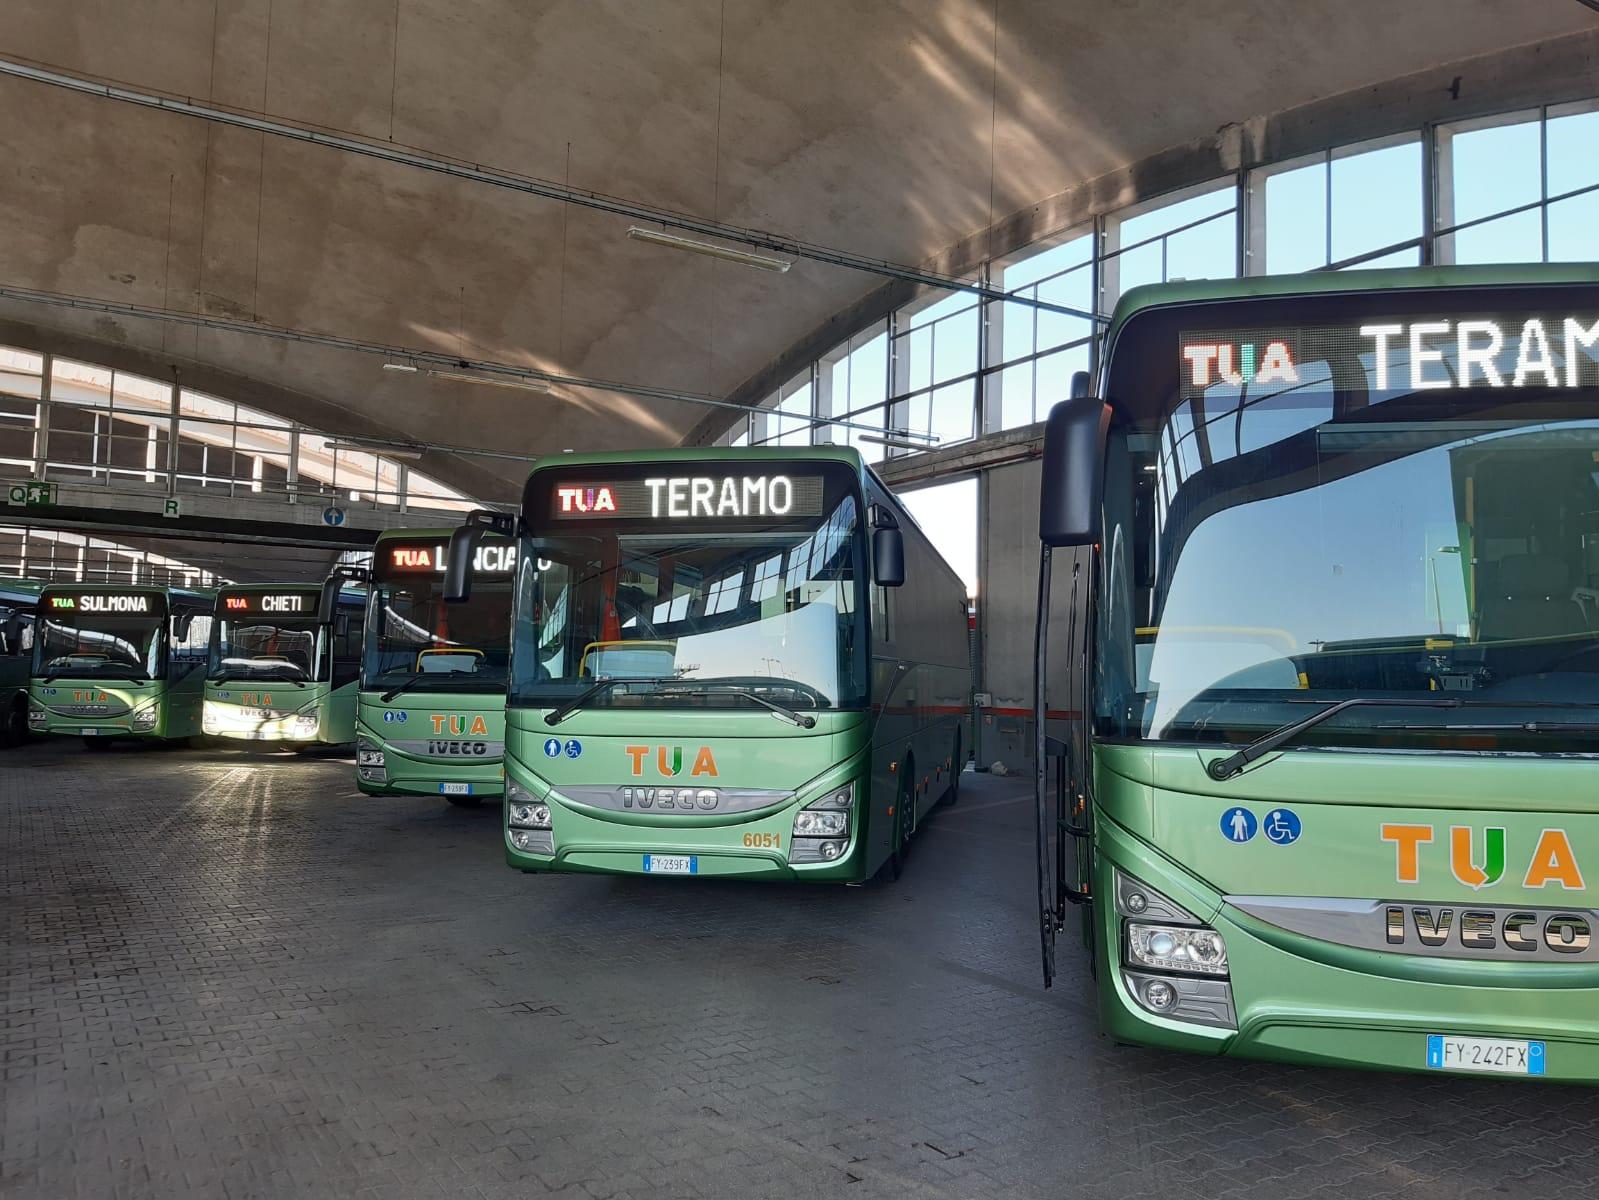 Ventinuovi bus per TUA SPA, uno servirà ad Avezzano